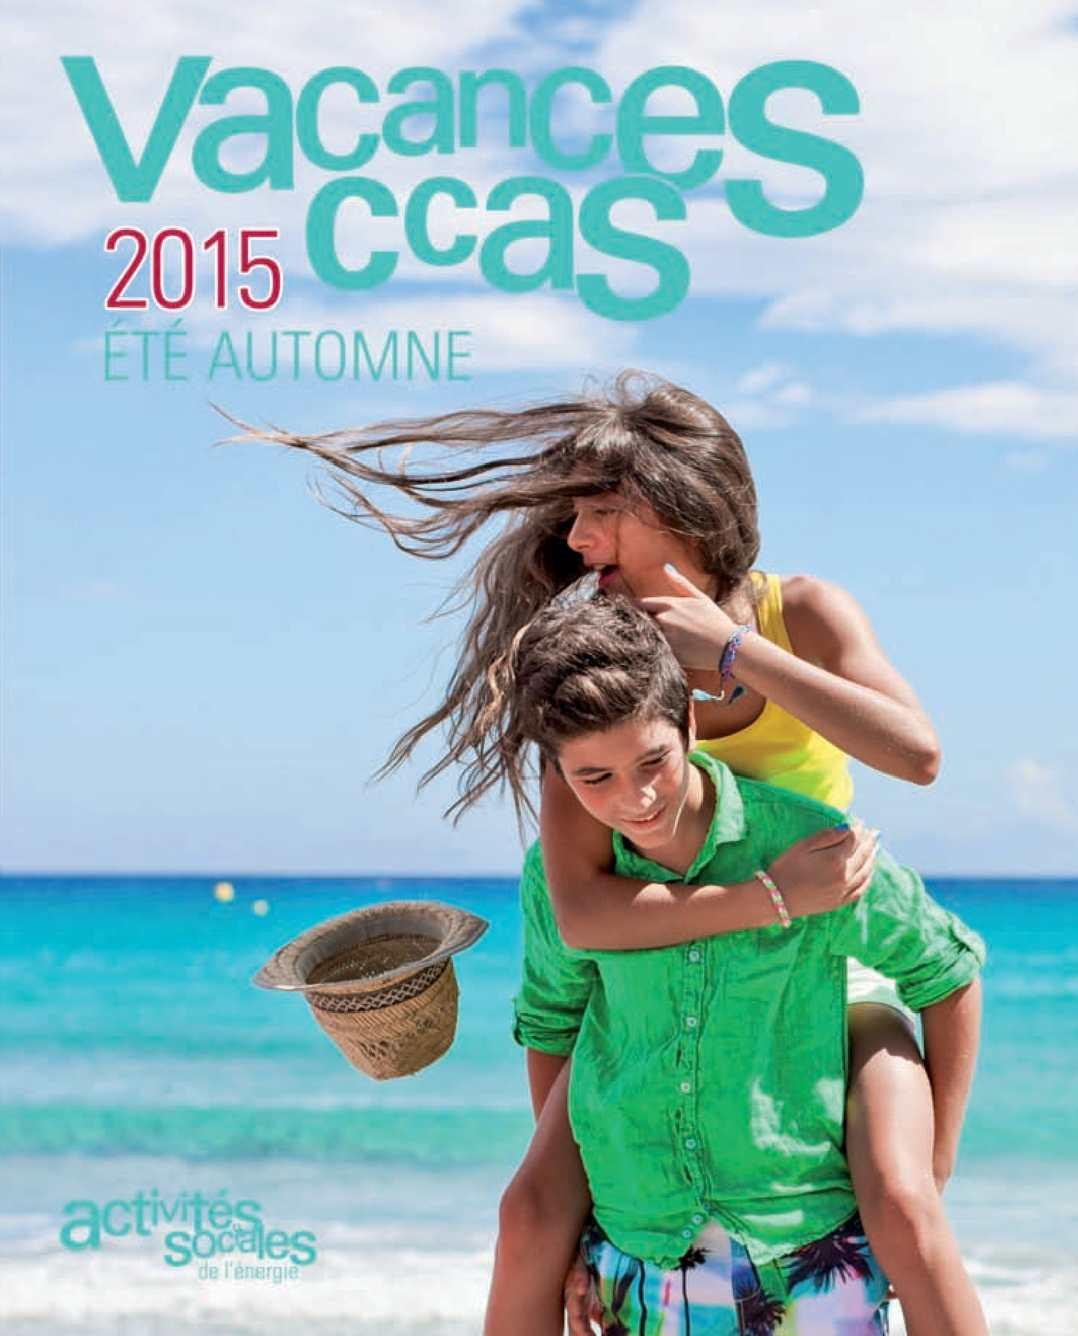 Calam o catalogue ccas s jours adultes t automne 2015 Vacances automne 2015